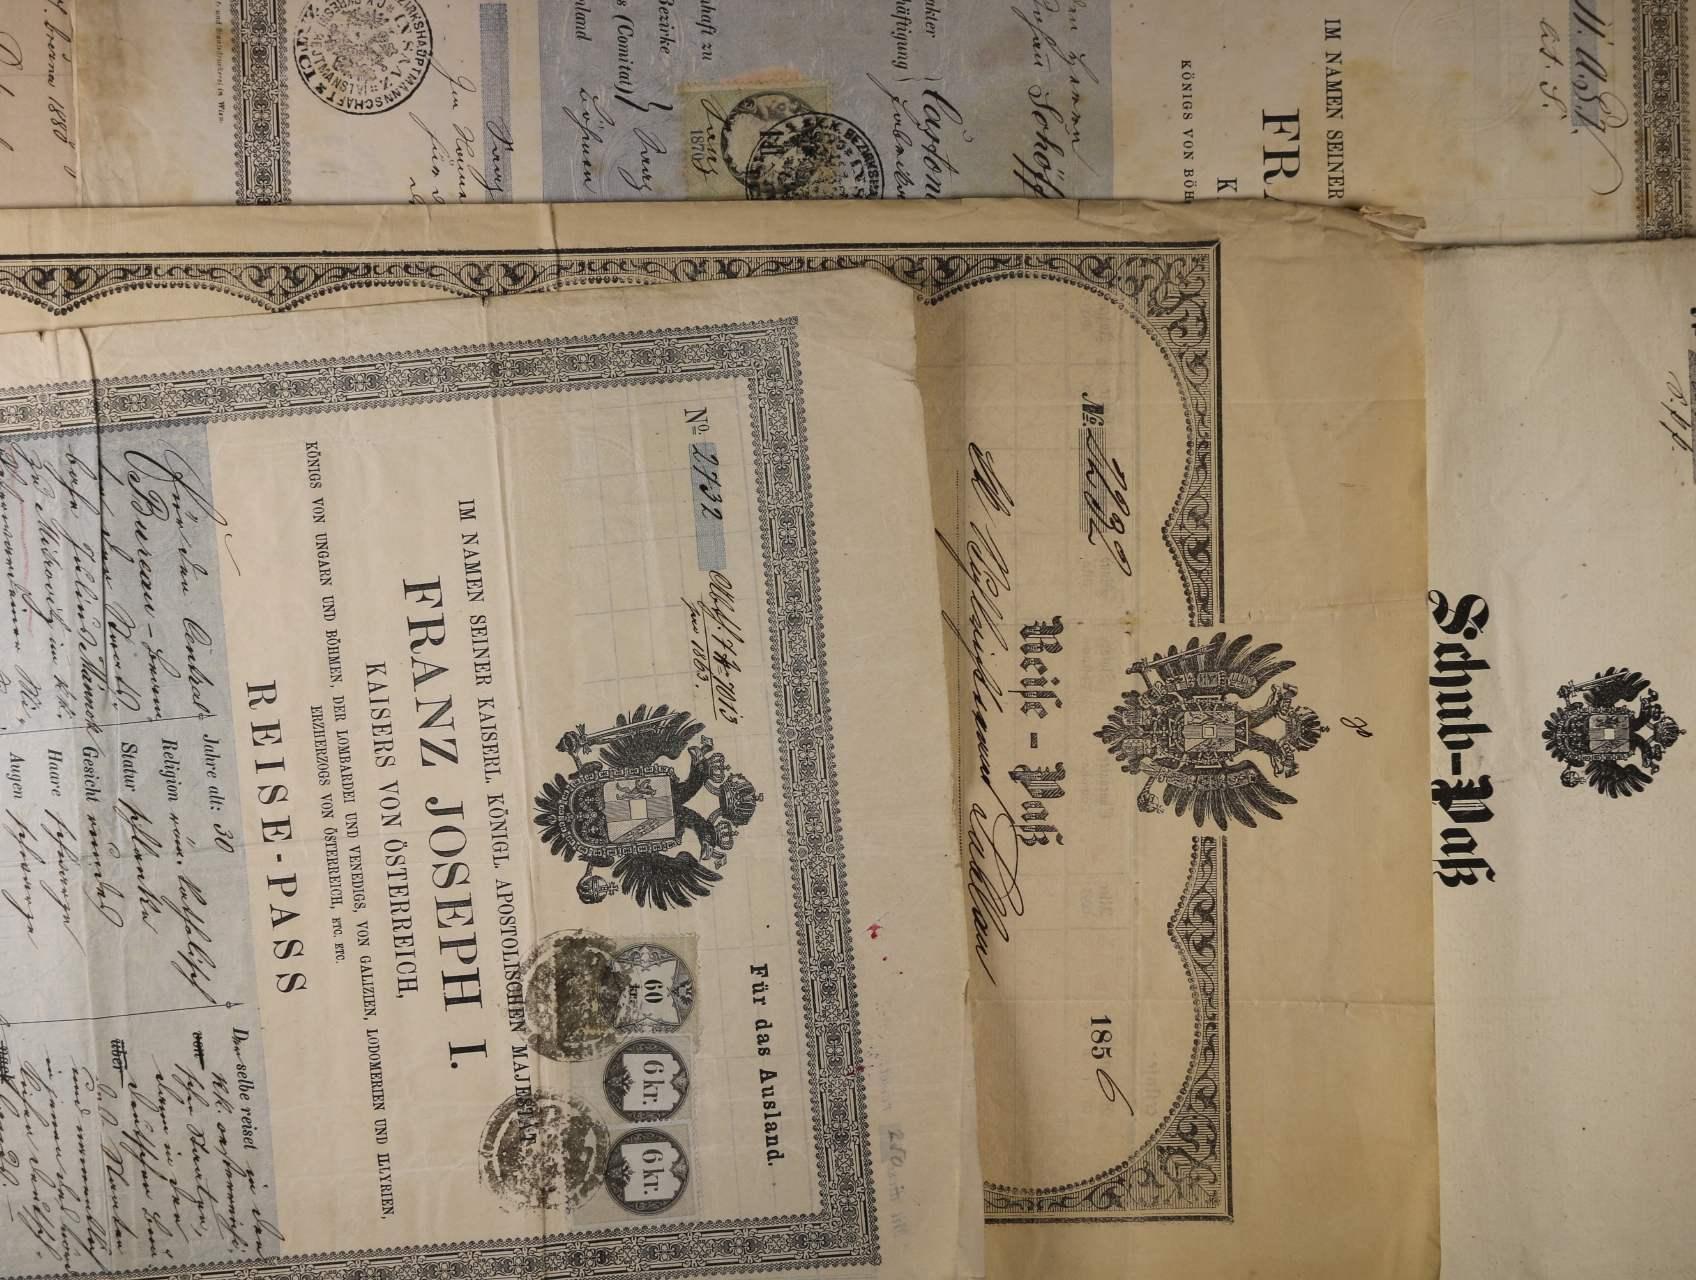 sestava 11 ks různých cestovních pasů z let 1850 - 1838 s různými kolky a signětami, zajímavé